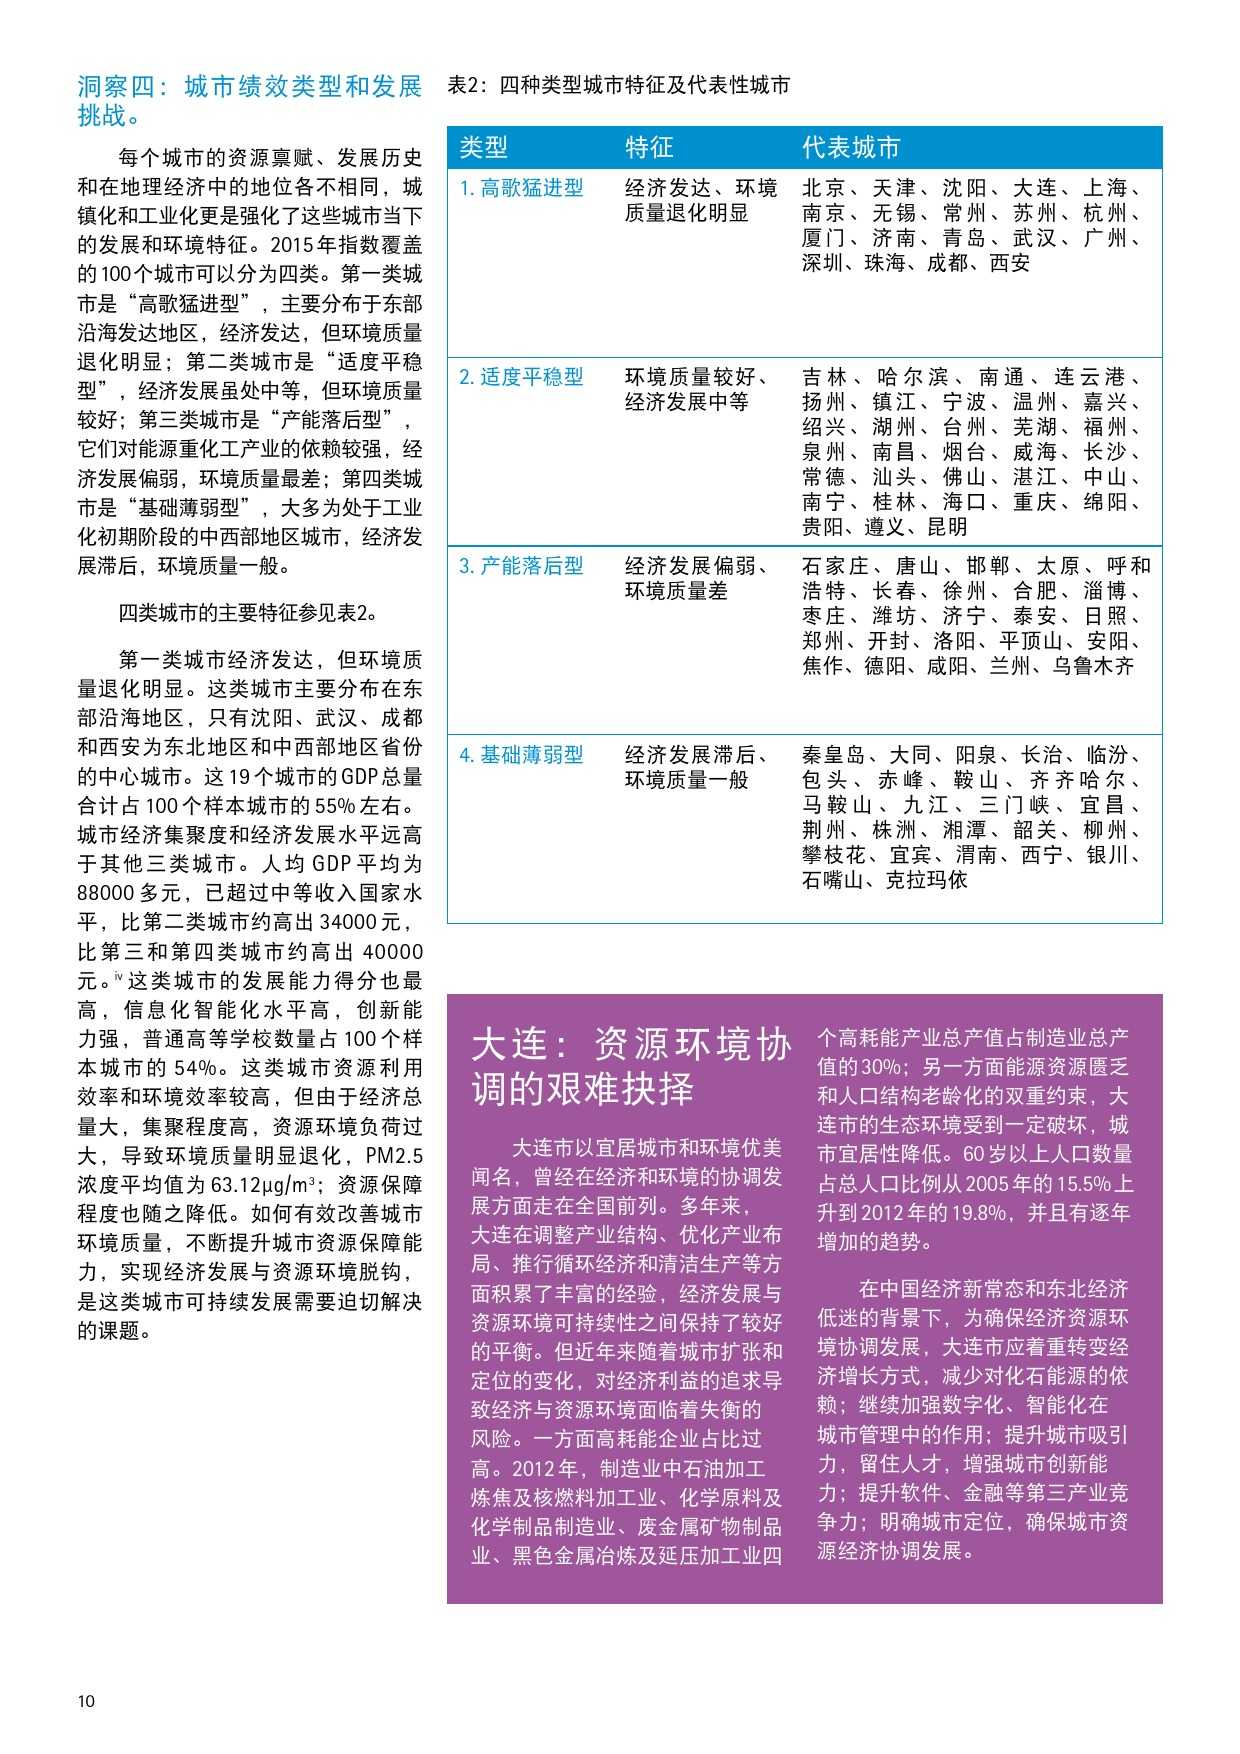 埃森哲&中科院:2015年新资源经济城市指数_000010